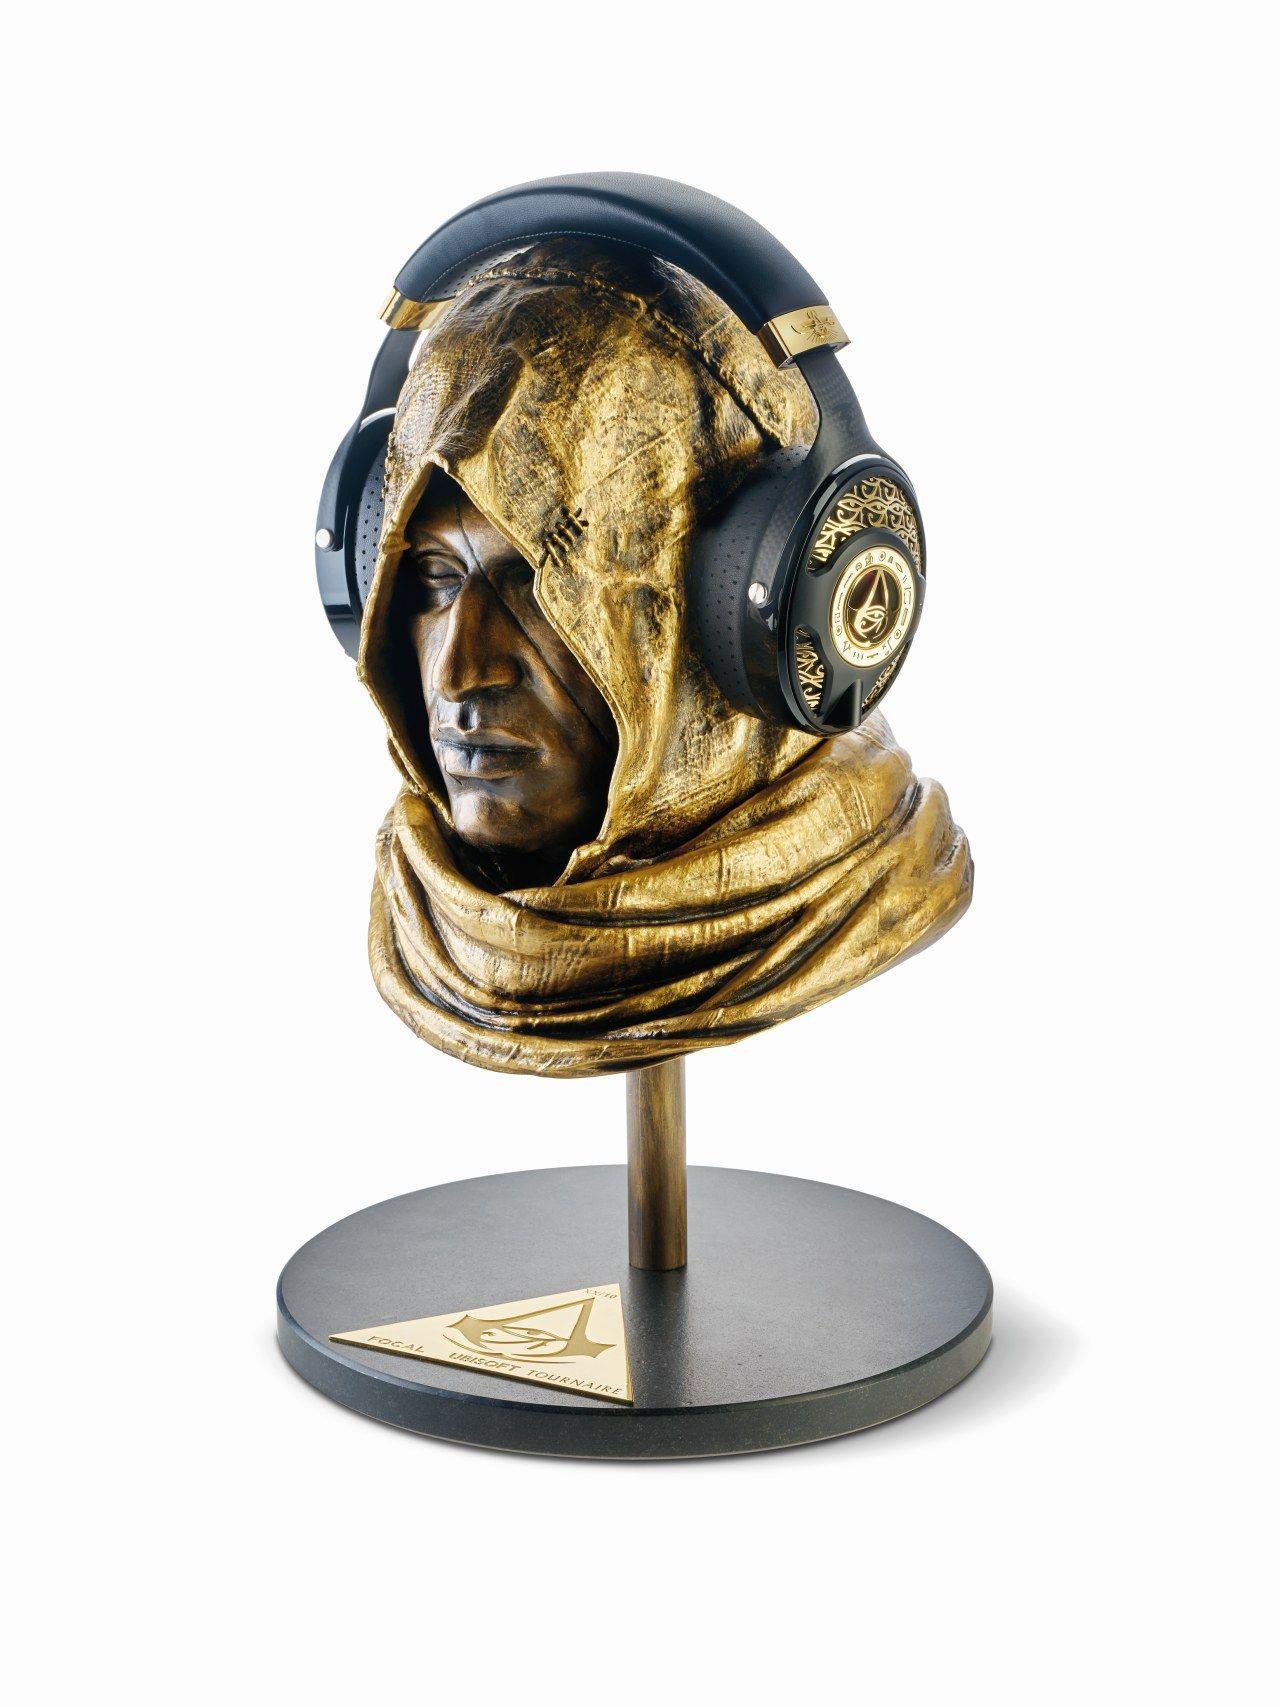 Il busto d'oro targato Ubisoft